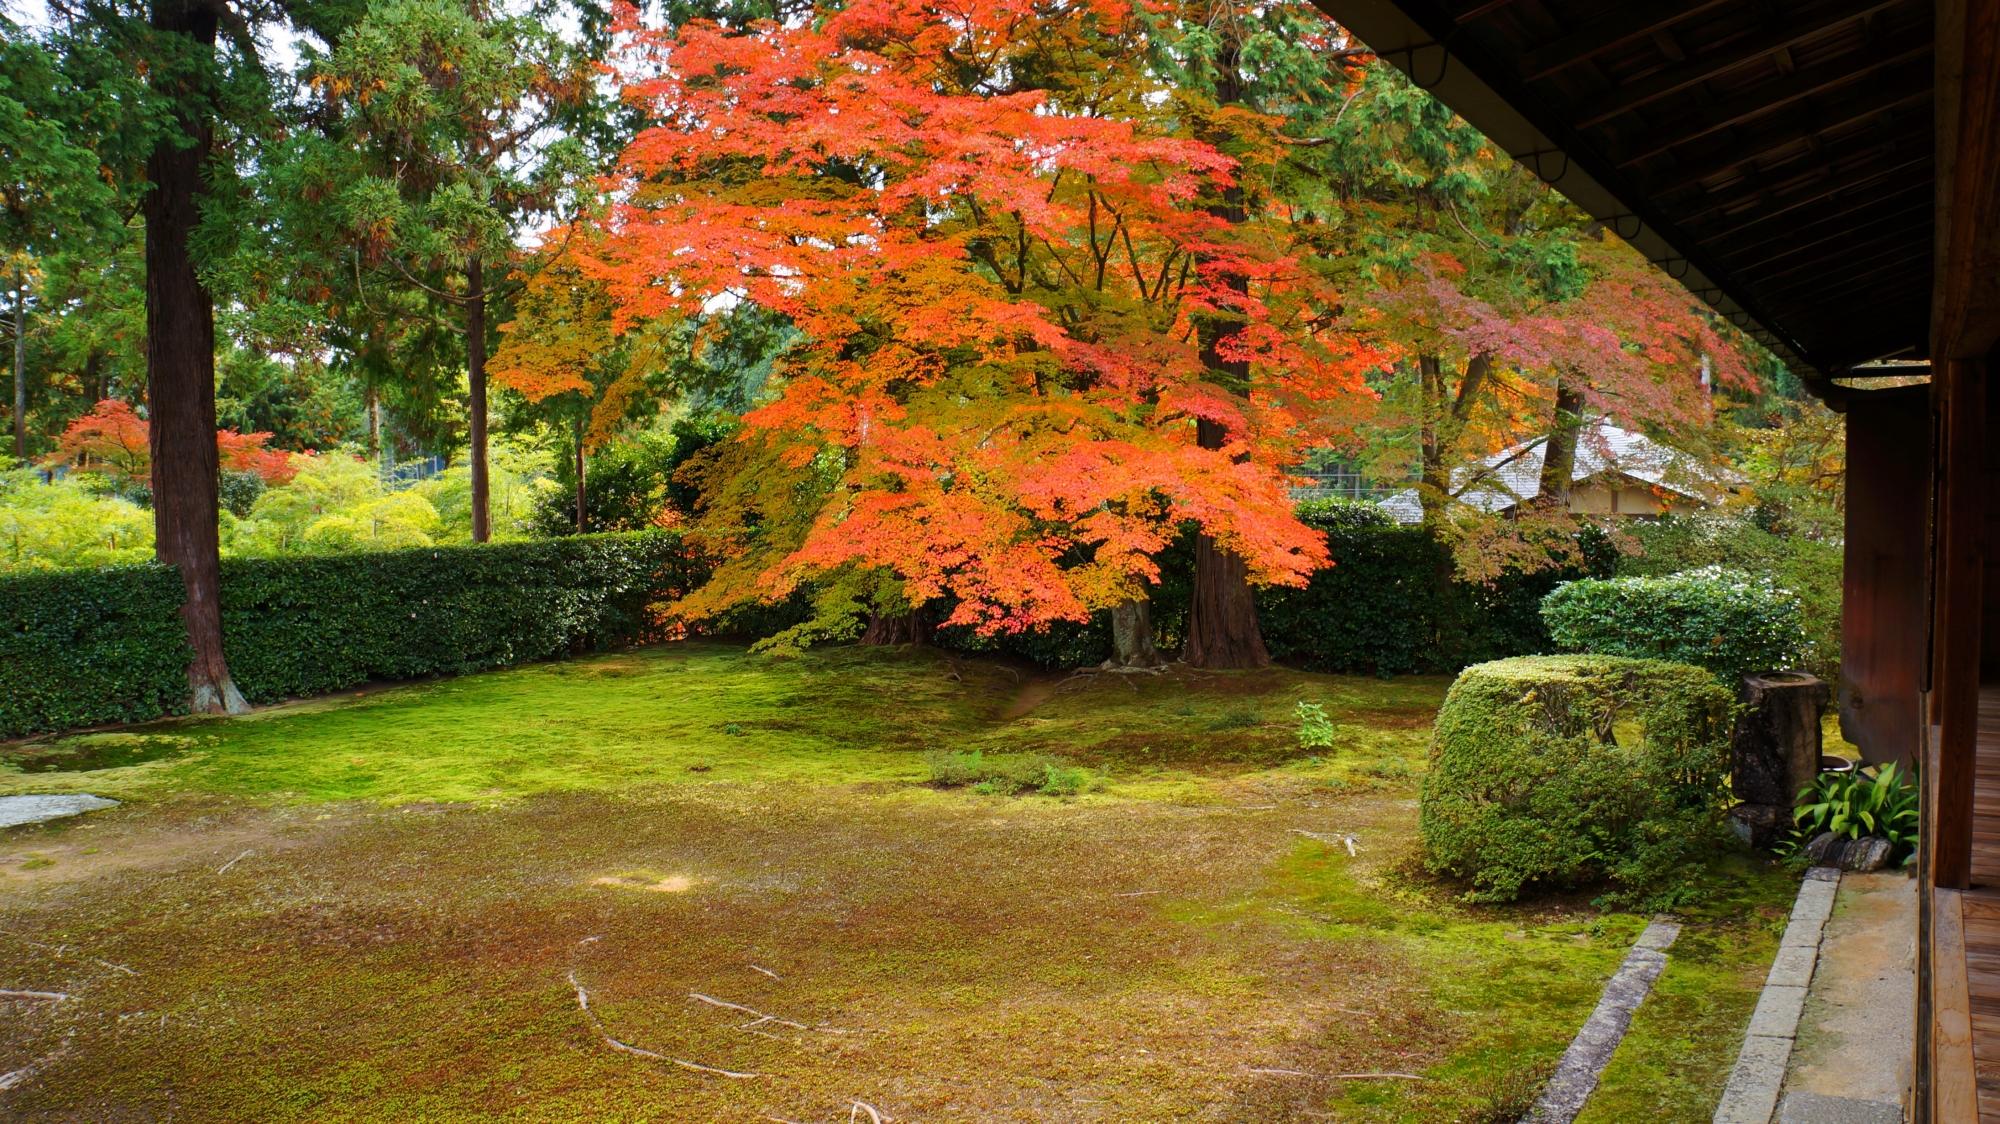 円通寺の比叡山借景庭園の紅葉と緑の苔